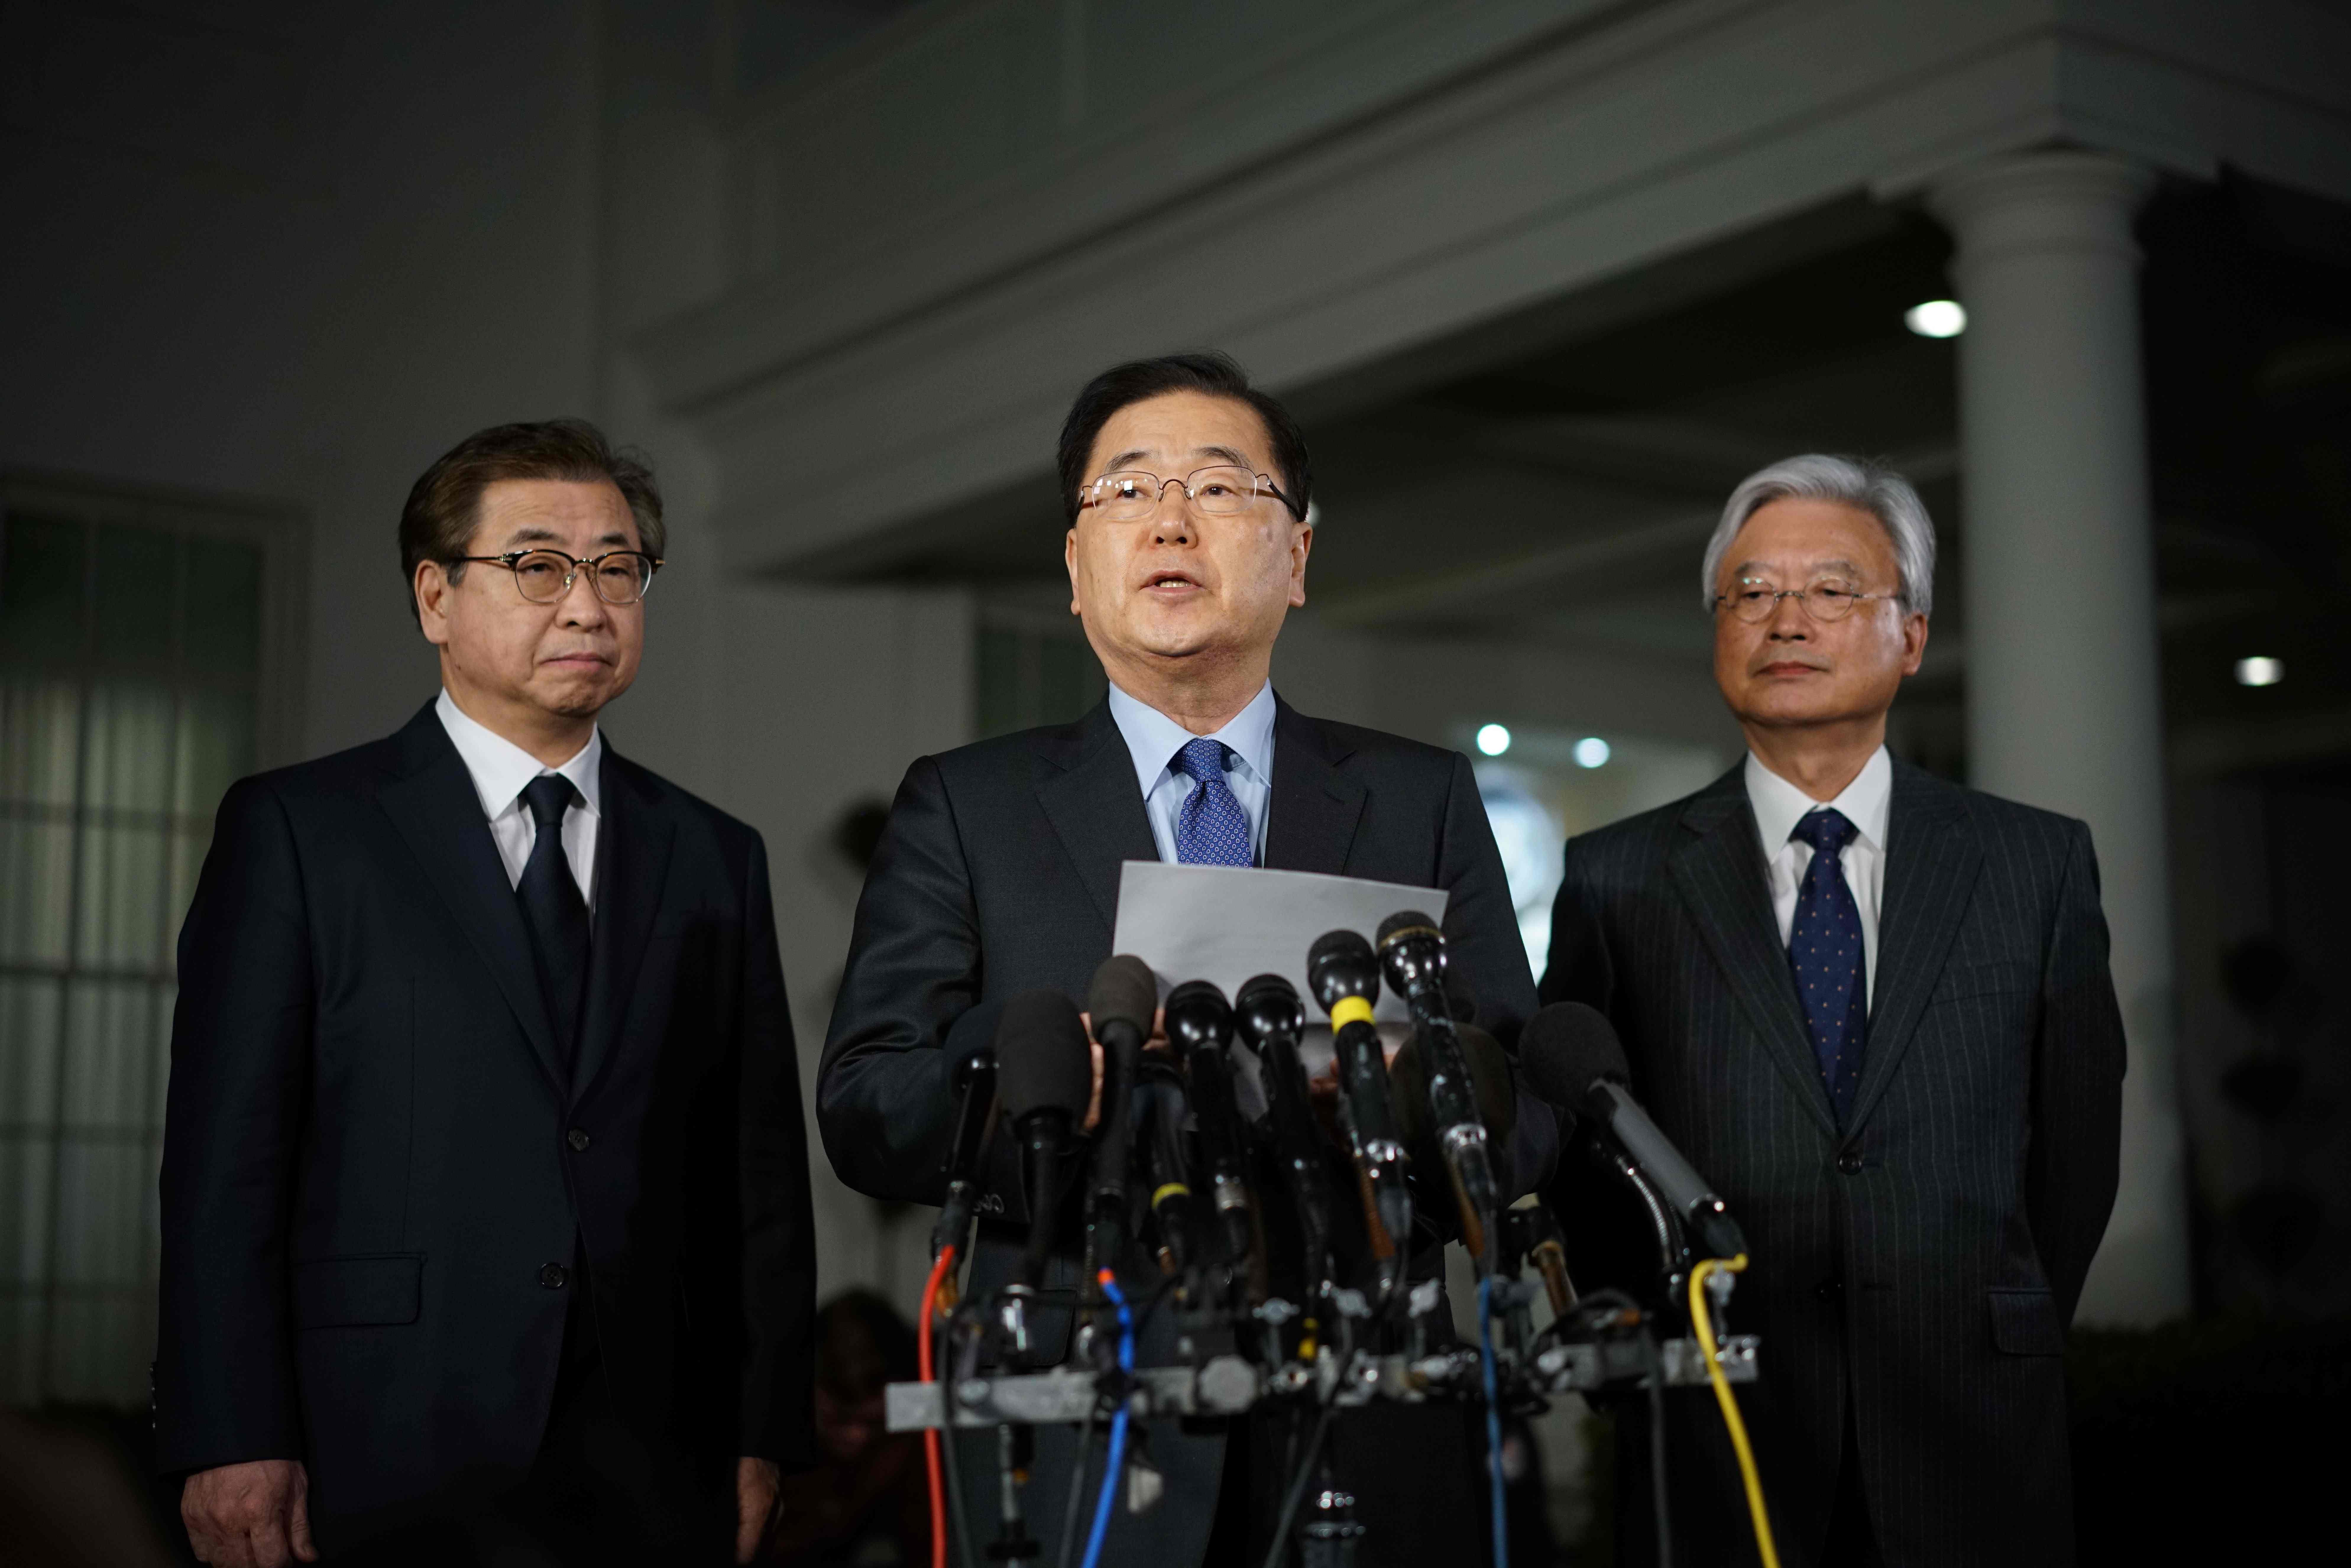 مستشار الأمن القومي الكوري الجنوبي تشونغ إيوي يونغ